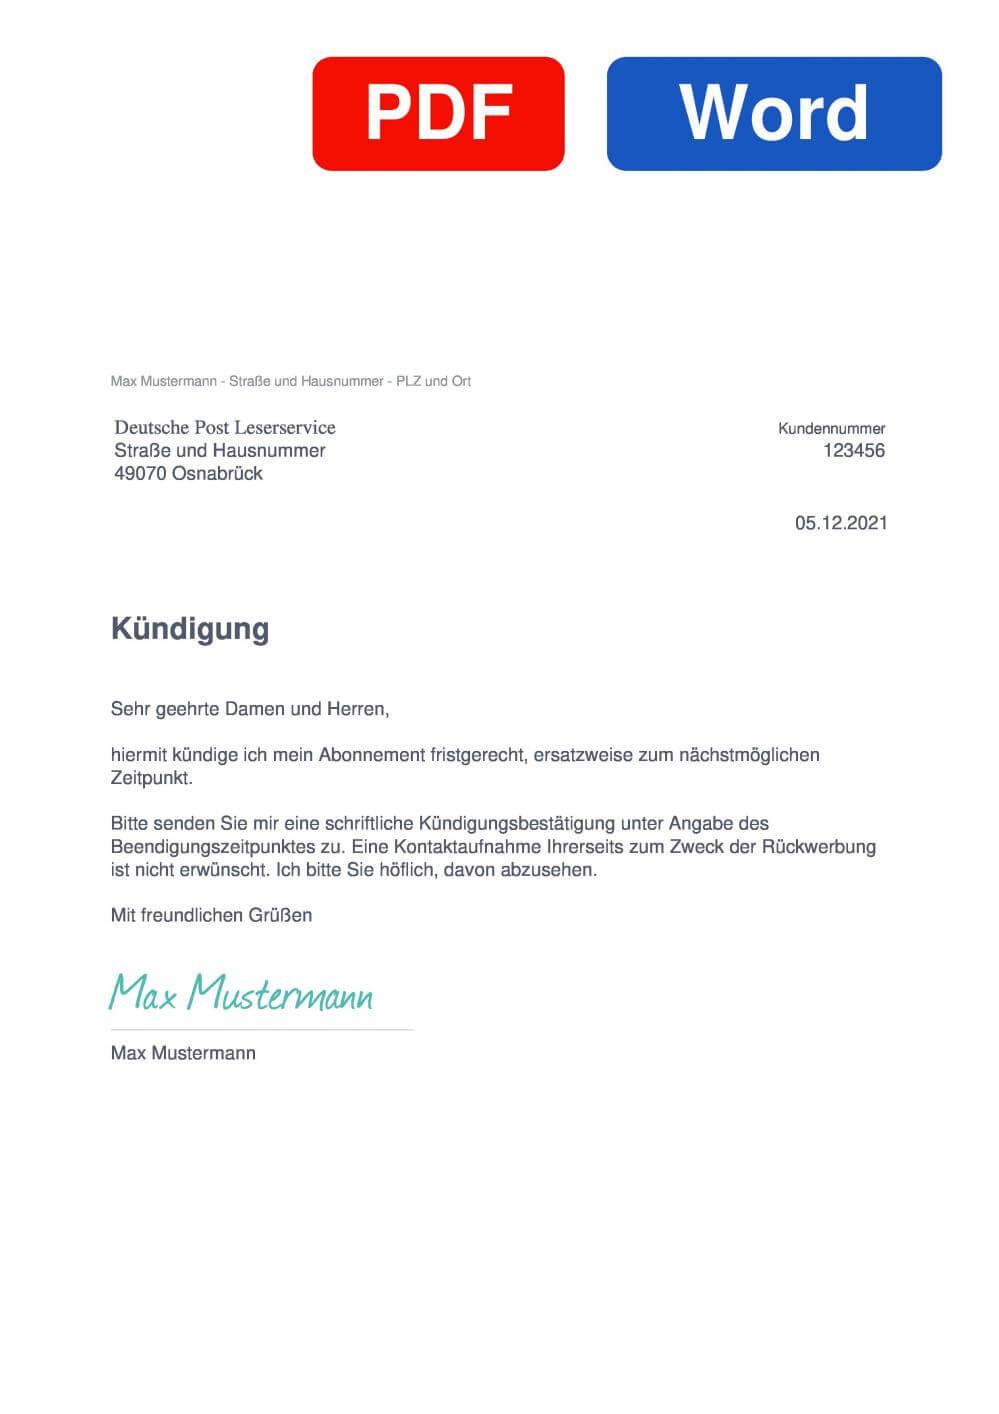 Deutsche Post Leseservice Muster Vorlage für Kündigungsschreiben